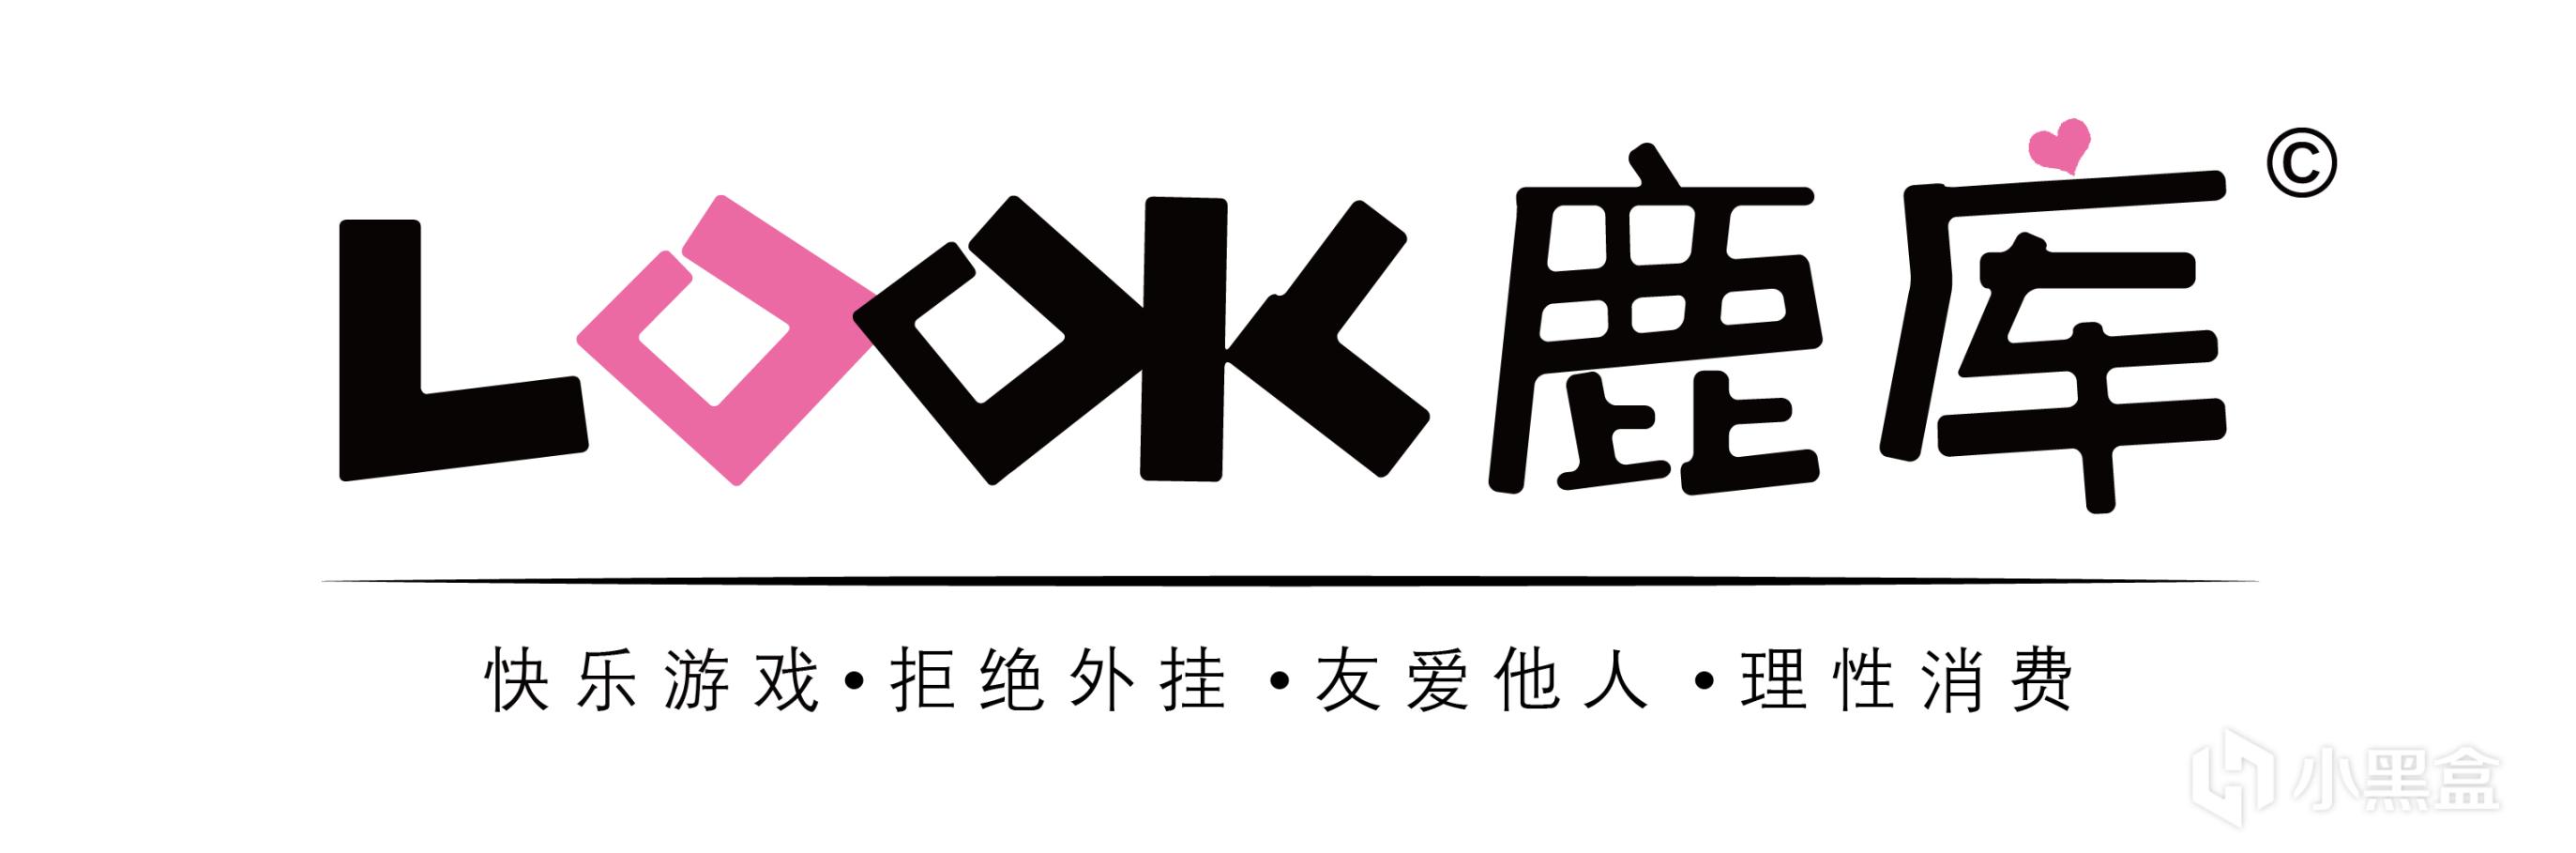 LOOK鹿库《使命召唤:战区》S6 10.14快讯—反作弊系统、白嫖福利、商城上新插图11